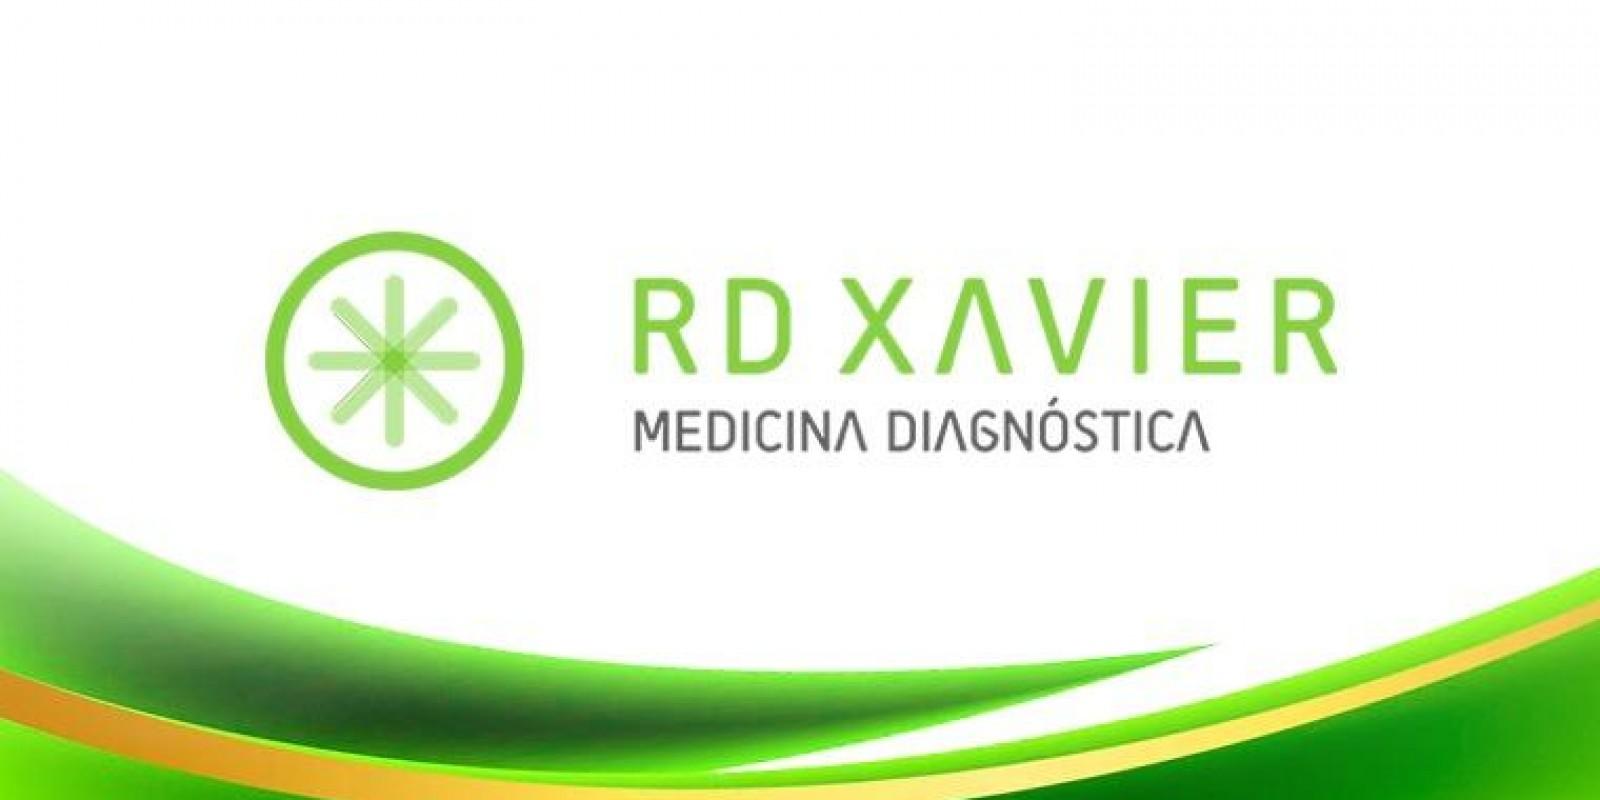 RD XAVIER - Medicina Diagnóstica